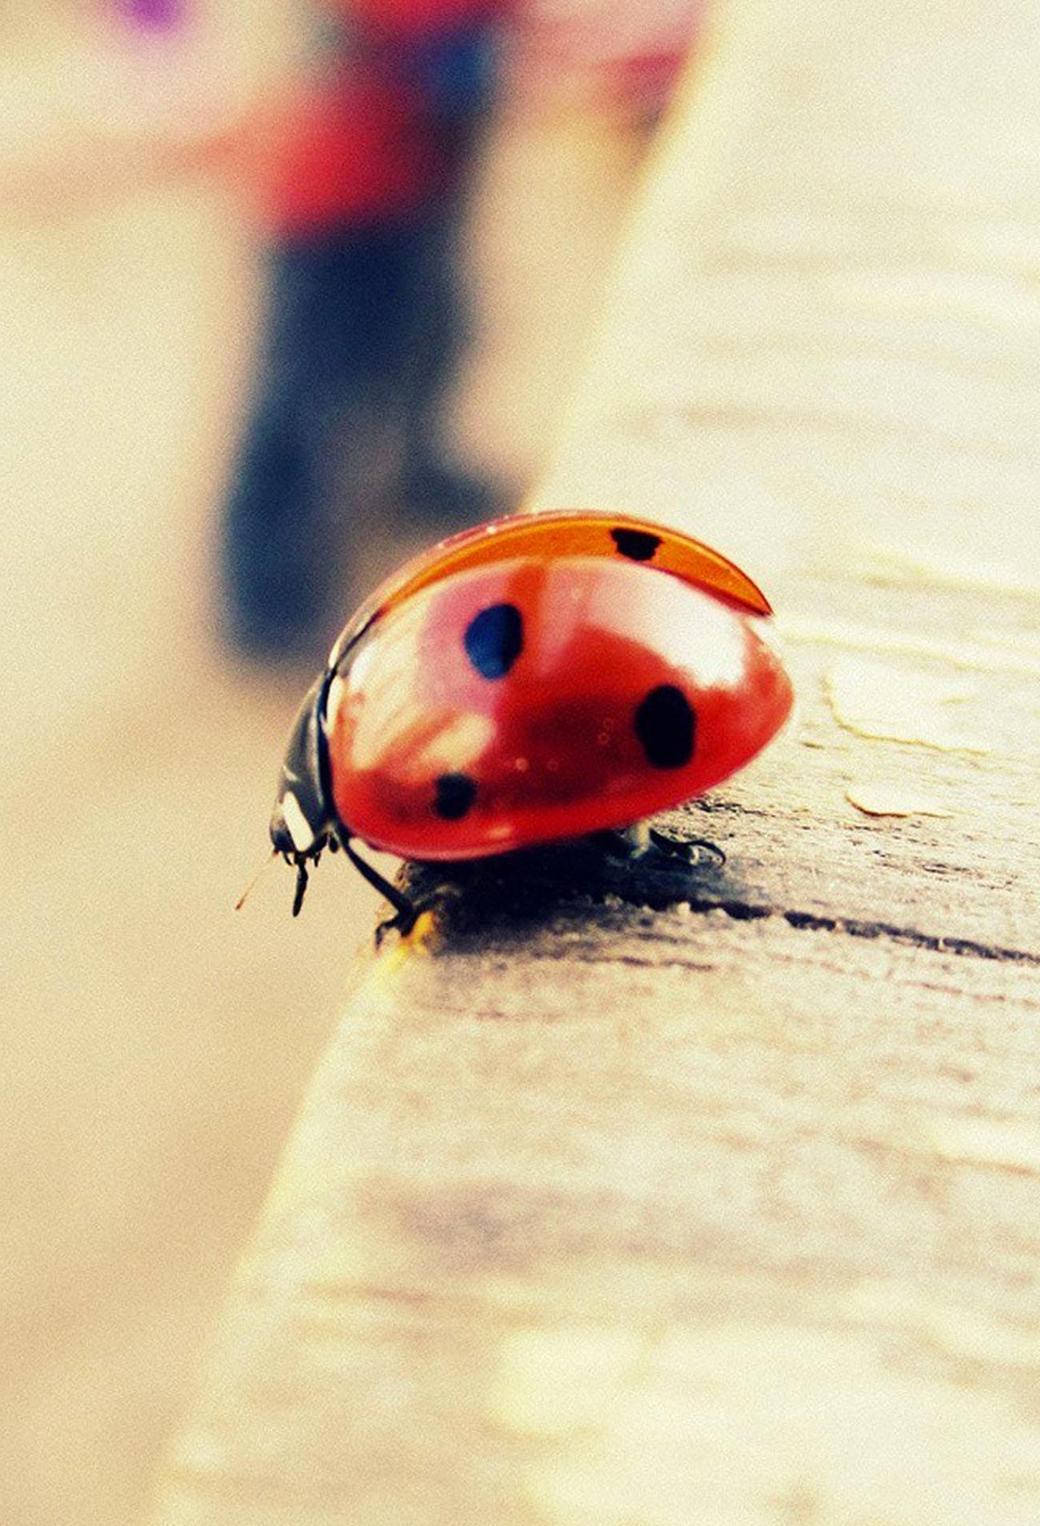 ladybug macro photo table